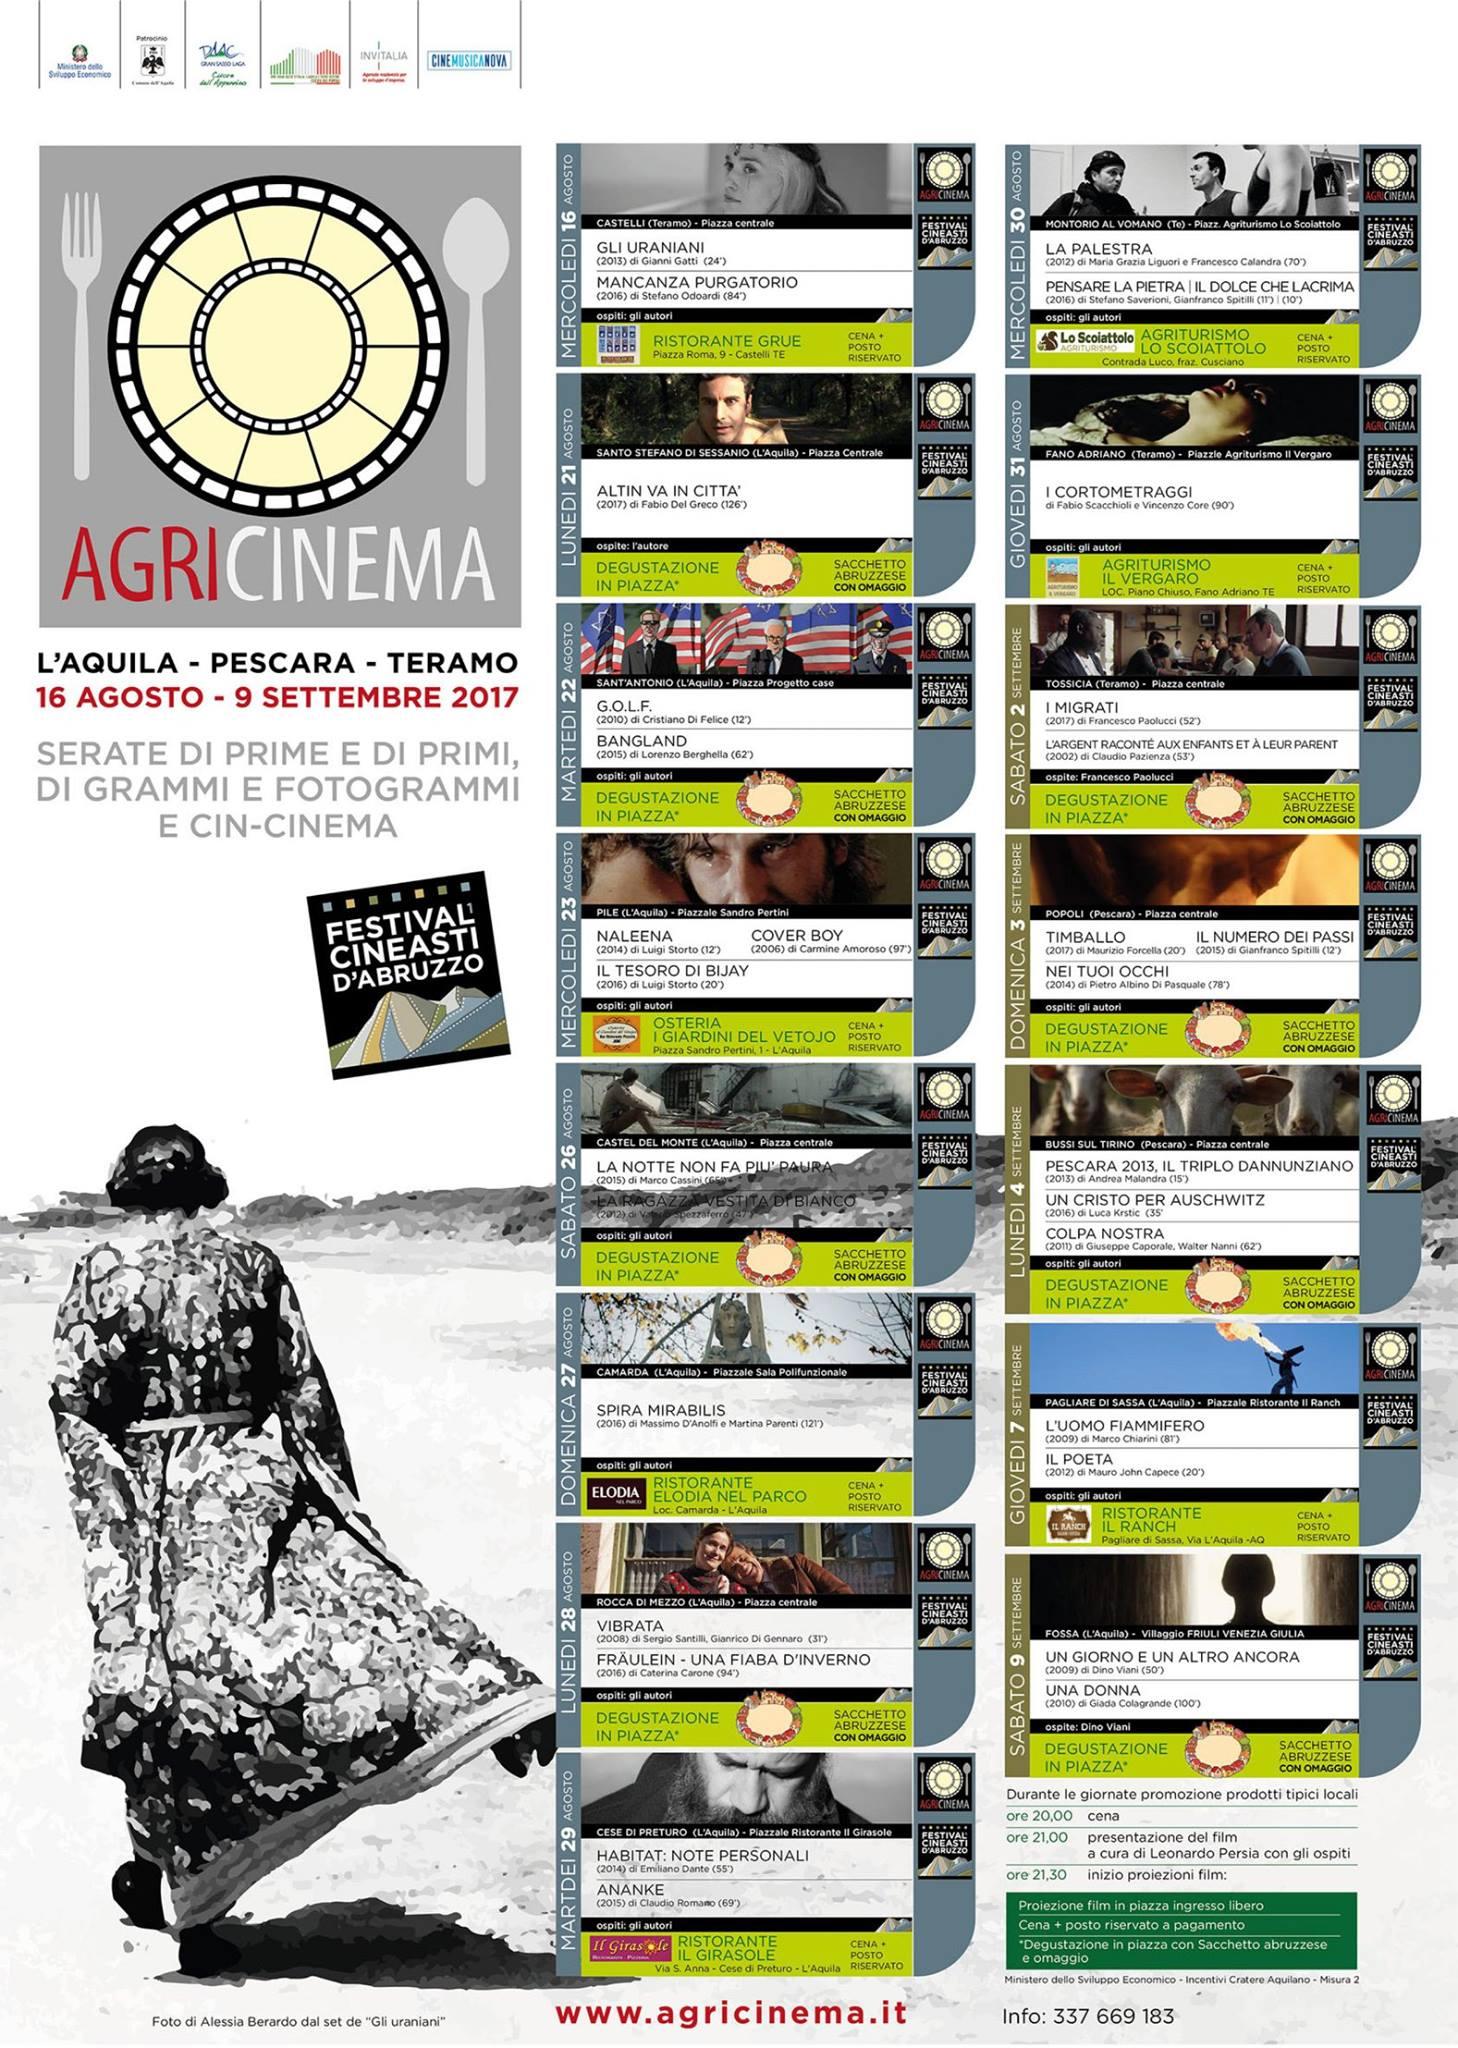 Agricinema Festival del cinema d'Abruzzo, tre imperdibili serate